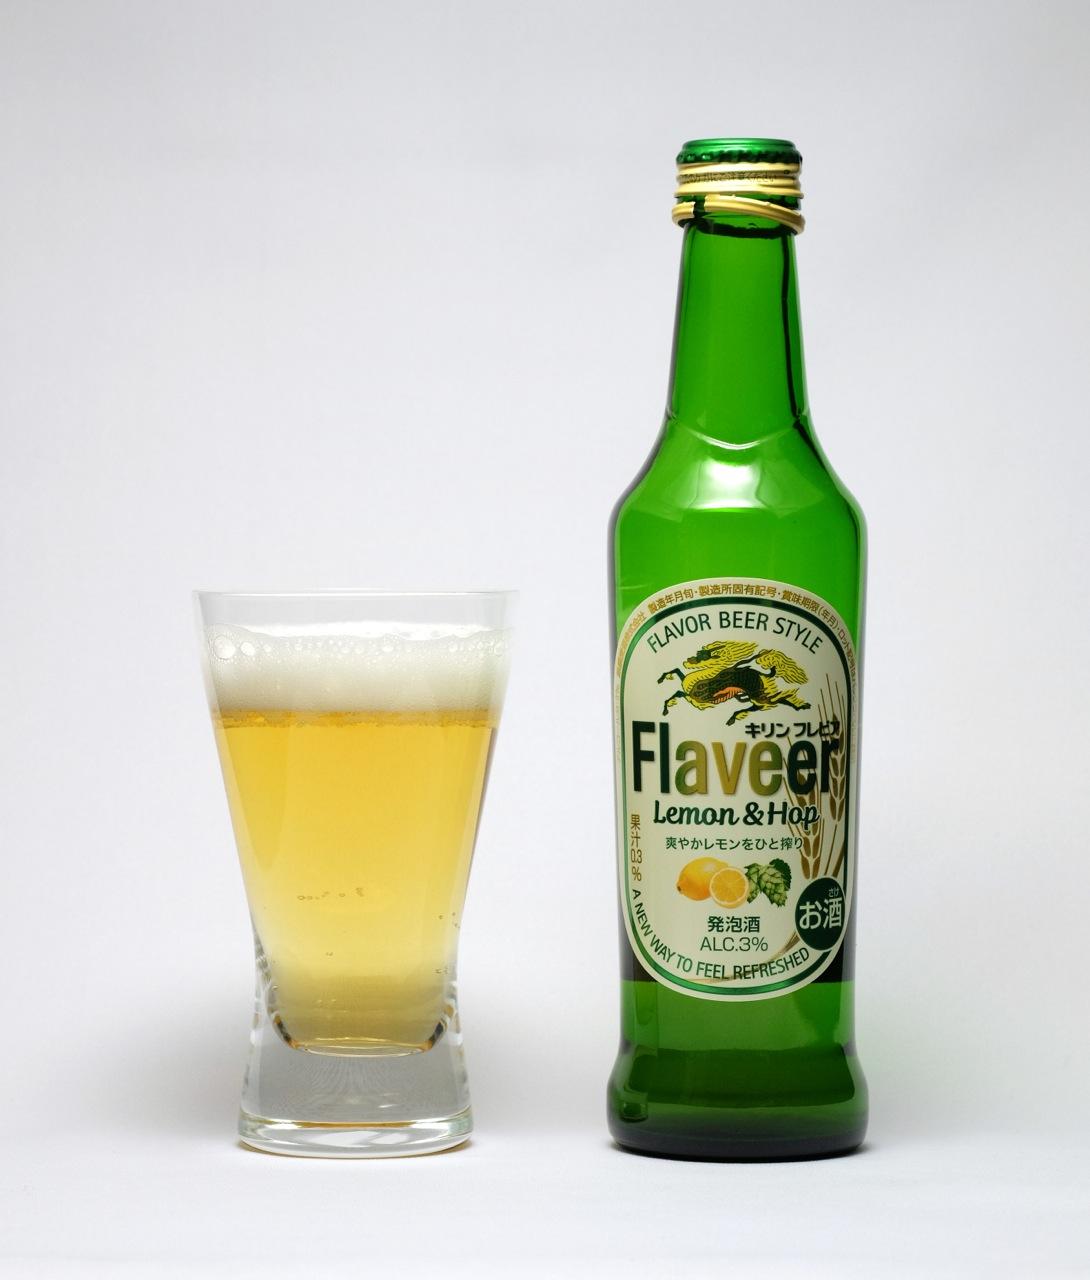 大手も作り始めた低アルコールのレモンビール